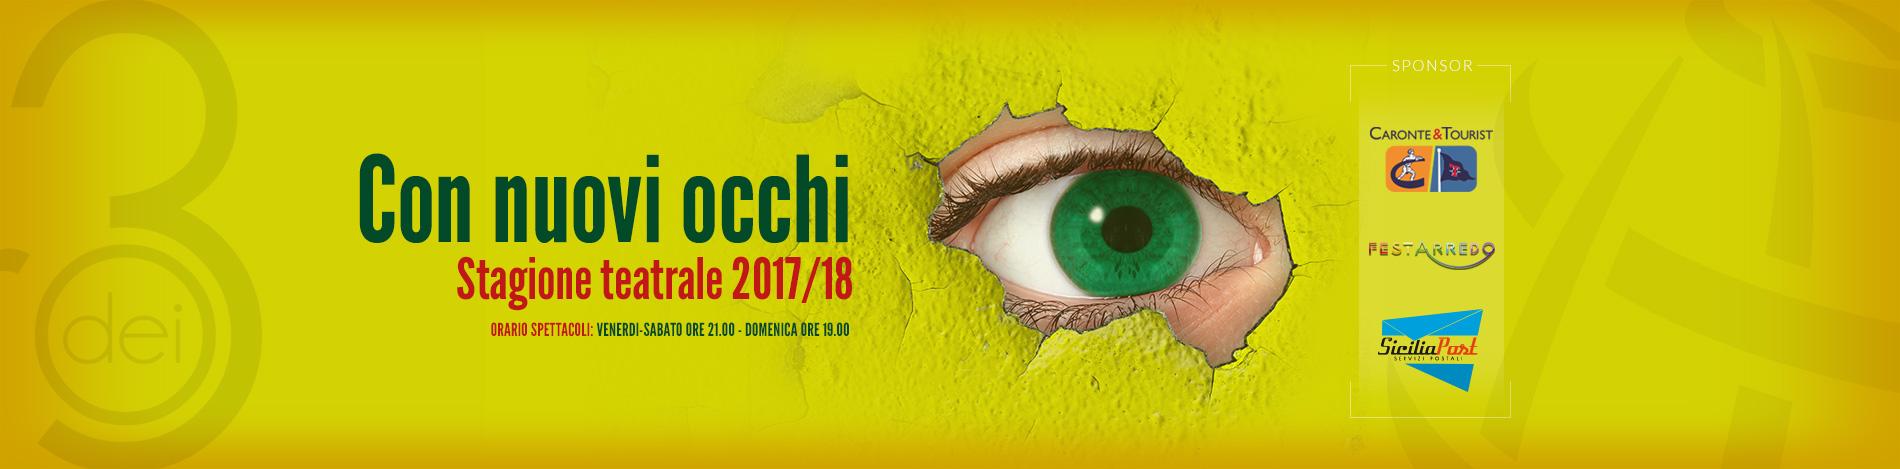 slide-sito-web-Stagione-Teatrale-Con-Nuovi-Occhisponsor